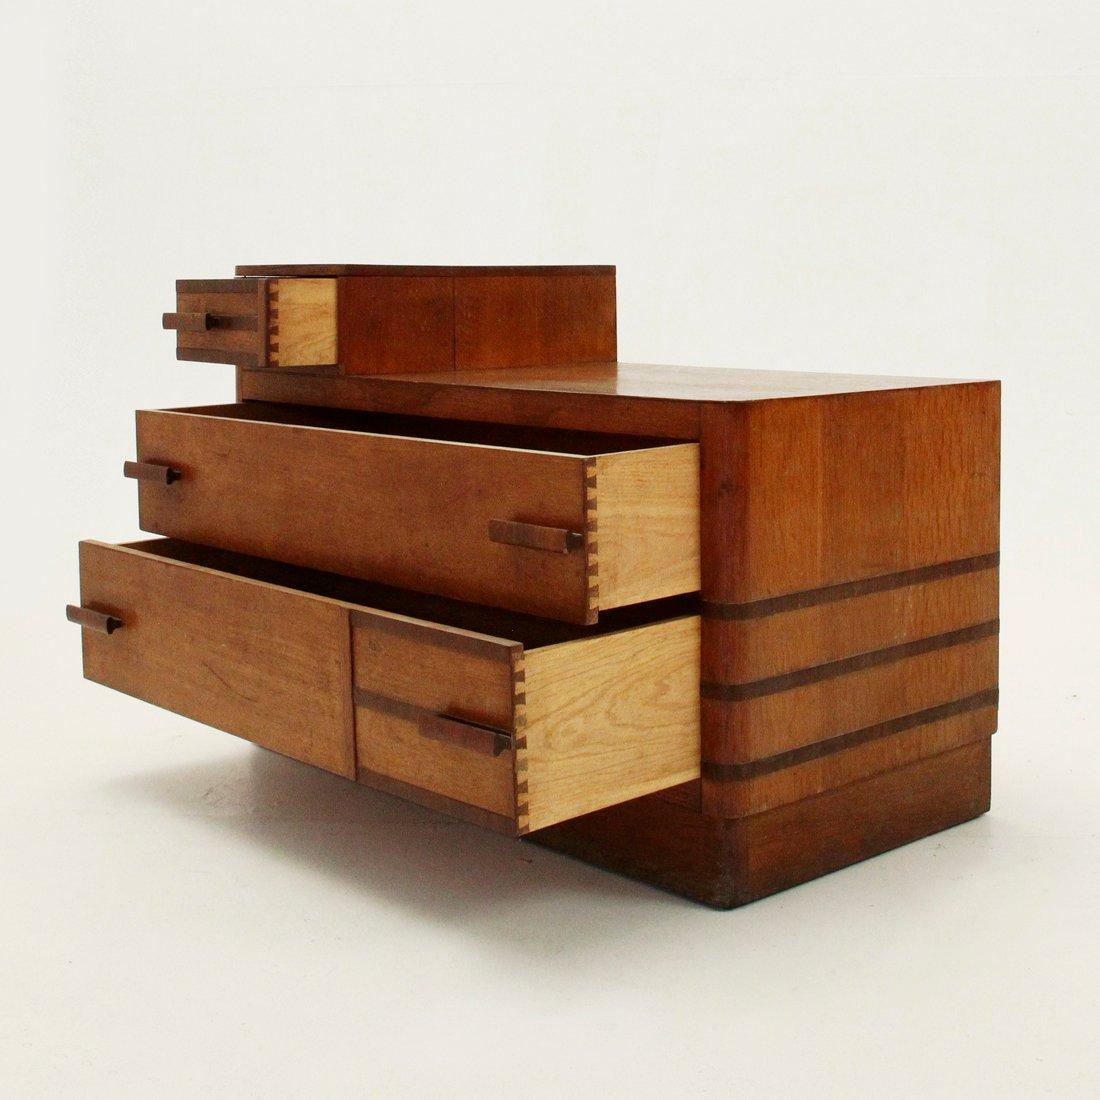 italienische rationalistische kommode 1940er bei pamono kaufen. Black Bedroom Furniture Sets. Home Design Ideas